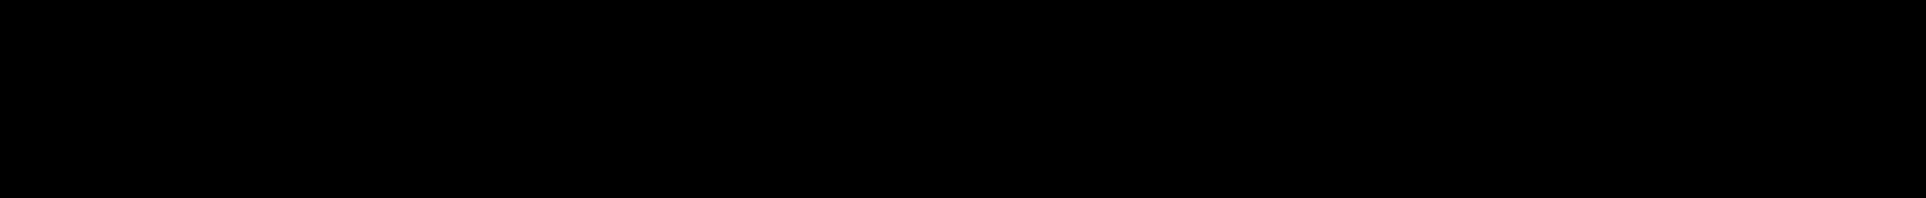 Logo for University of Guelph Open Books